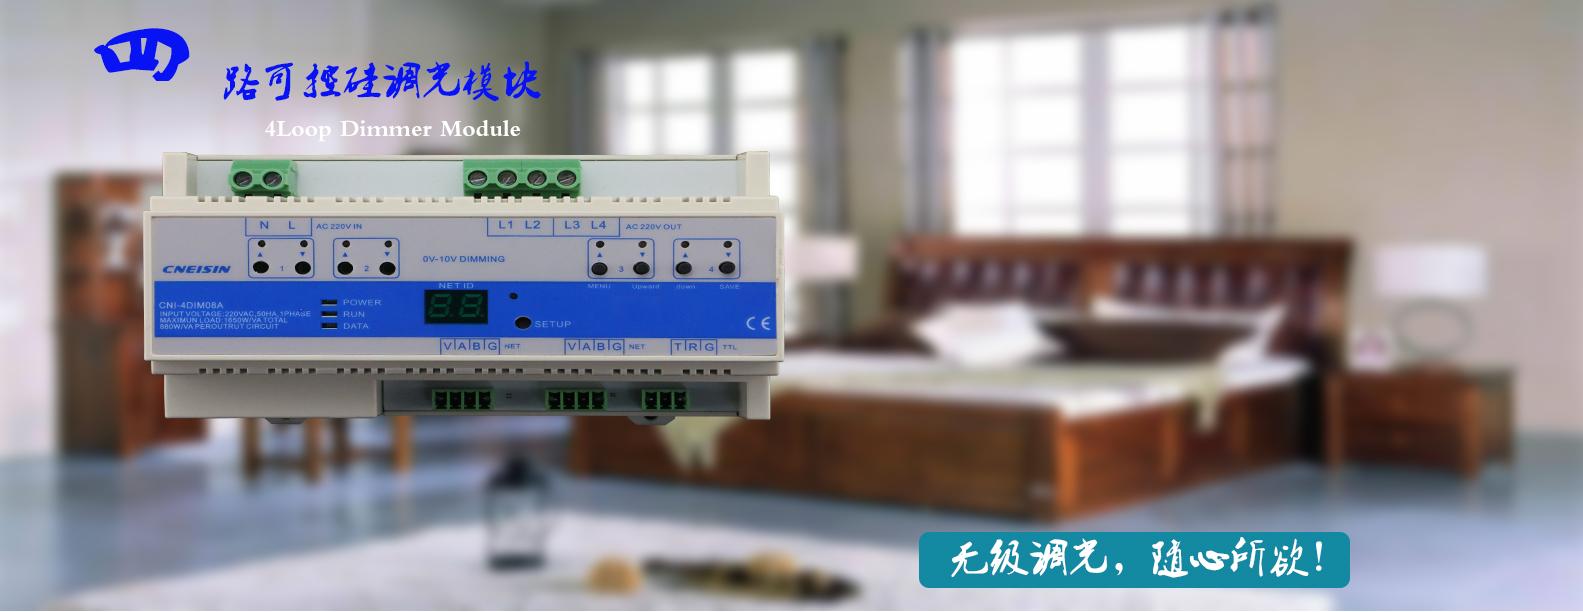 中科易讯智能家居控制系统OEM:现代科技提供舒适便利